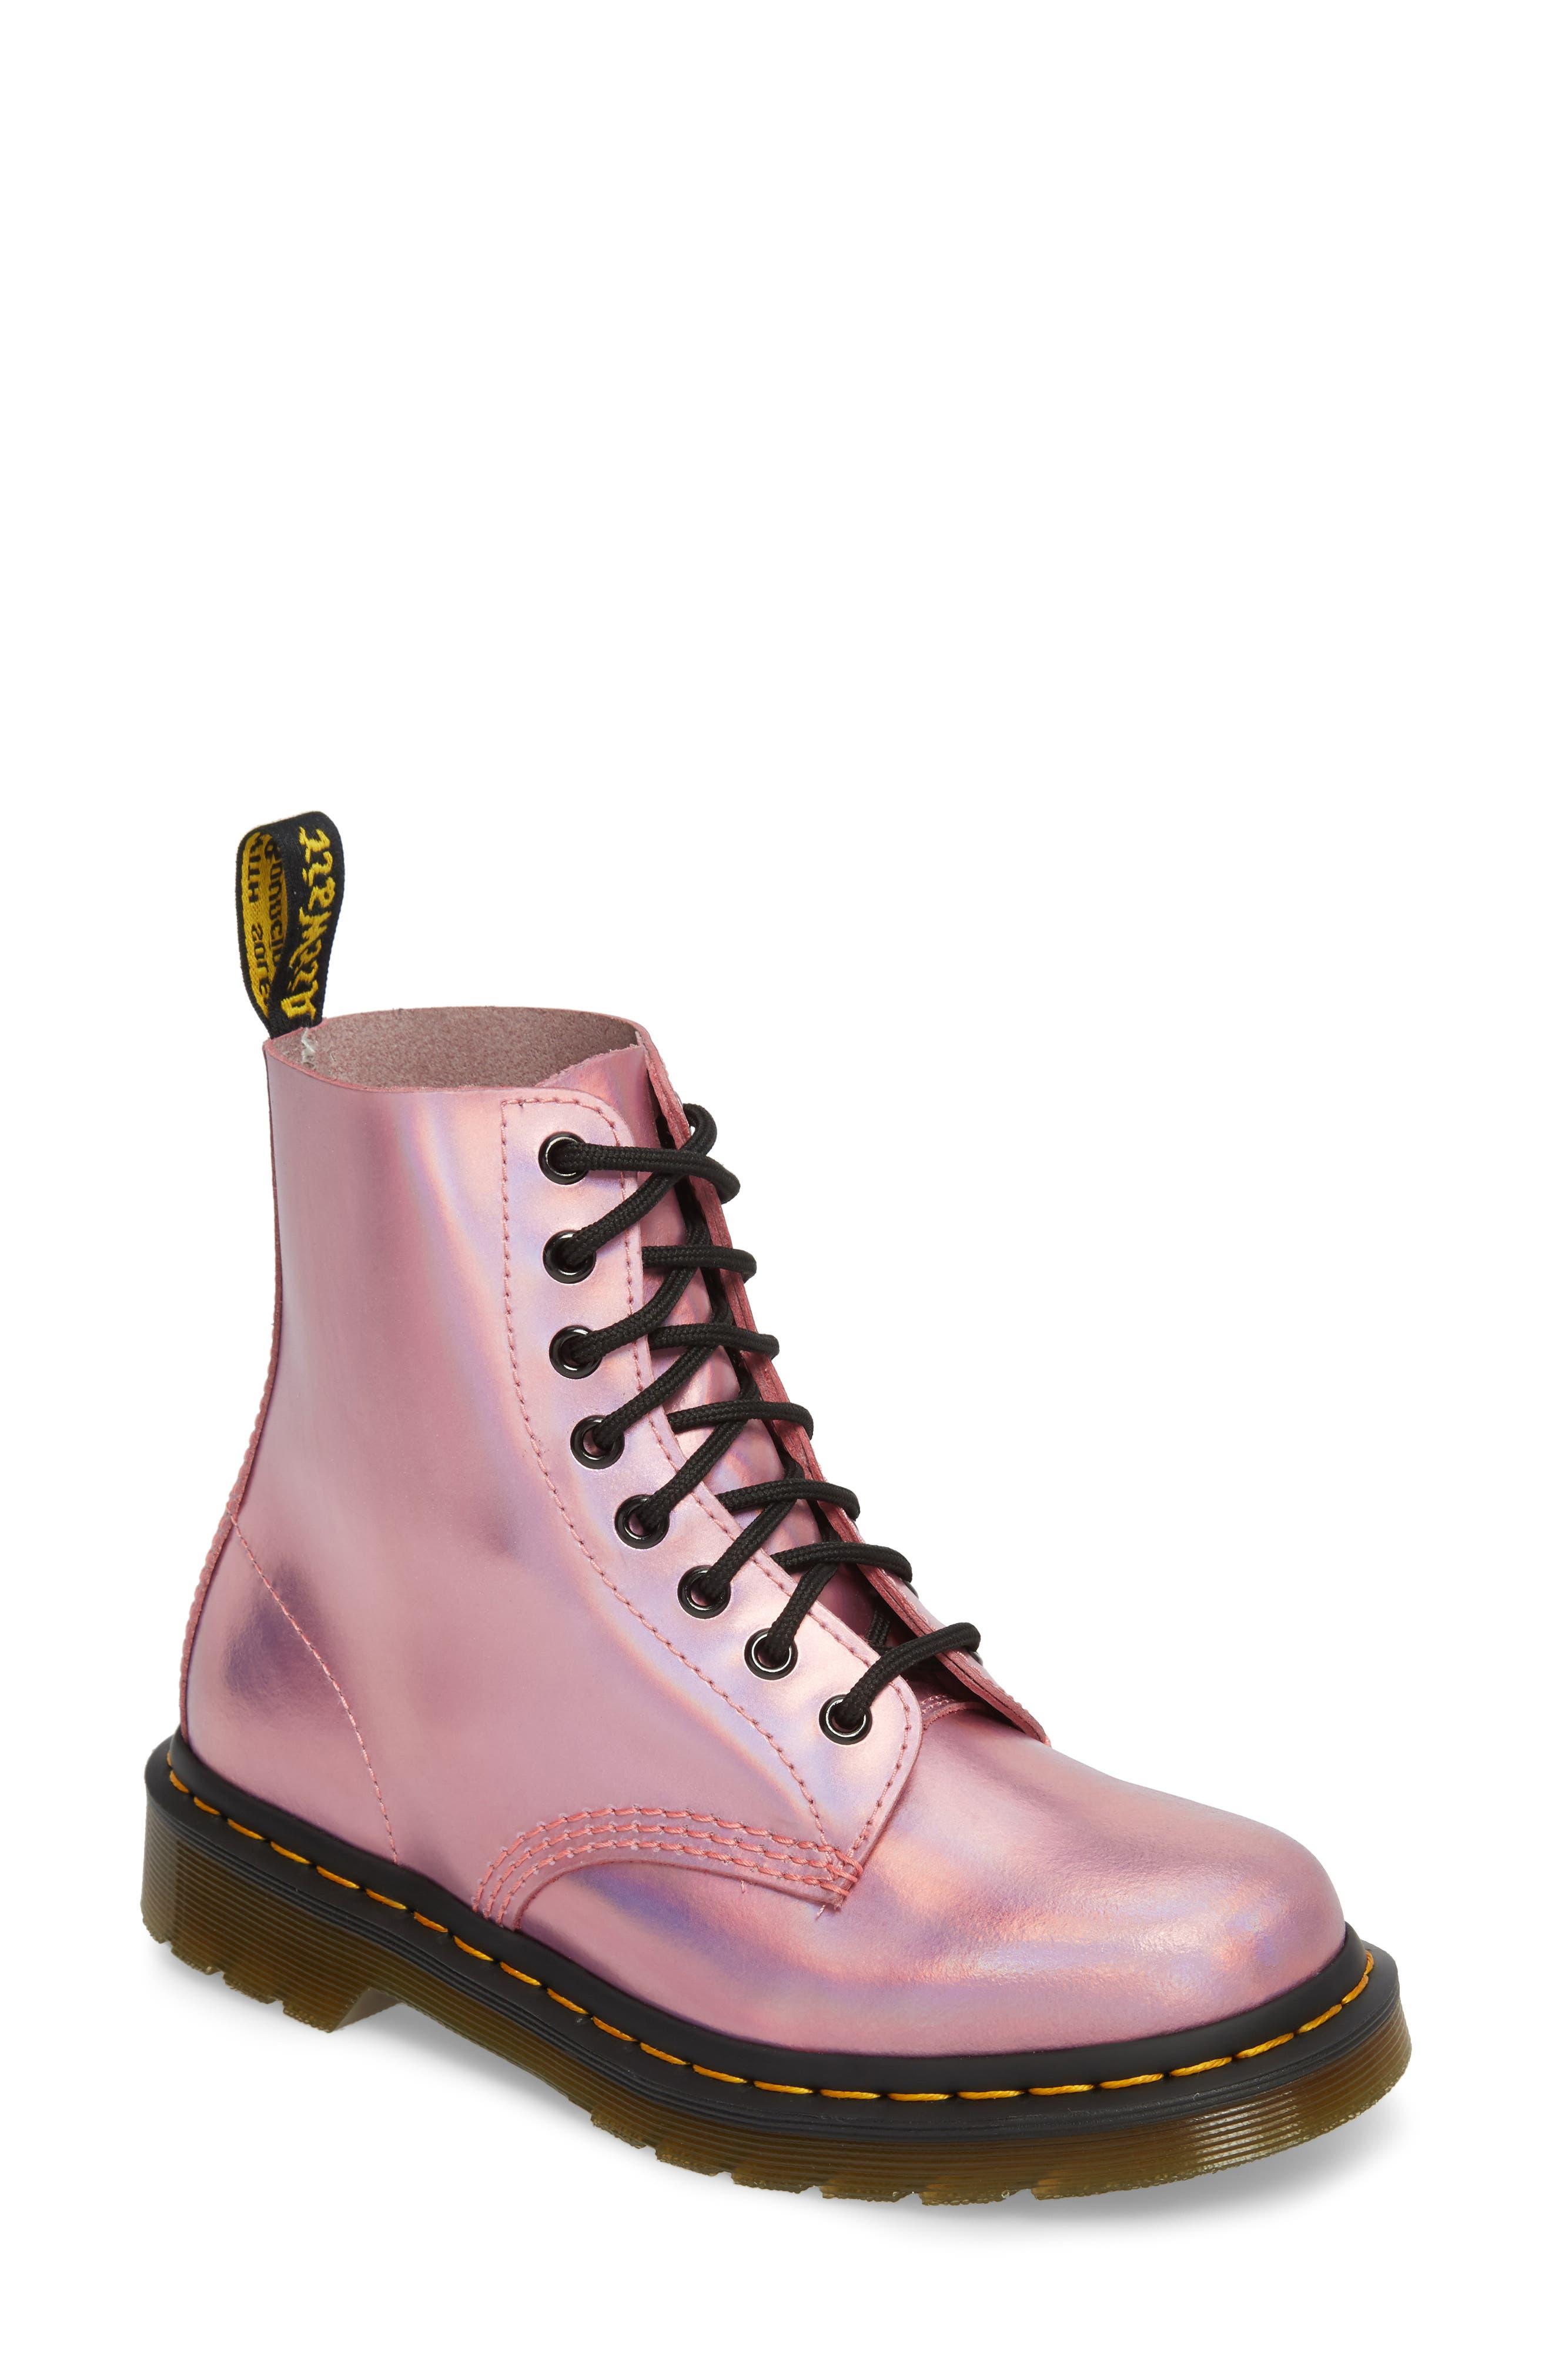 Pascal Metallic Combat Boot,                         Main,                         color, Pink Metallic Leather